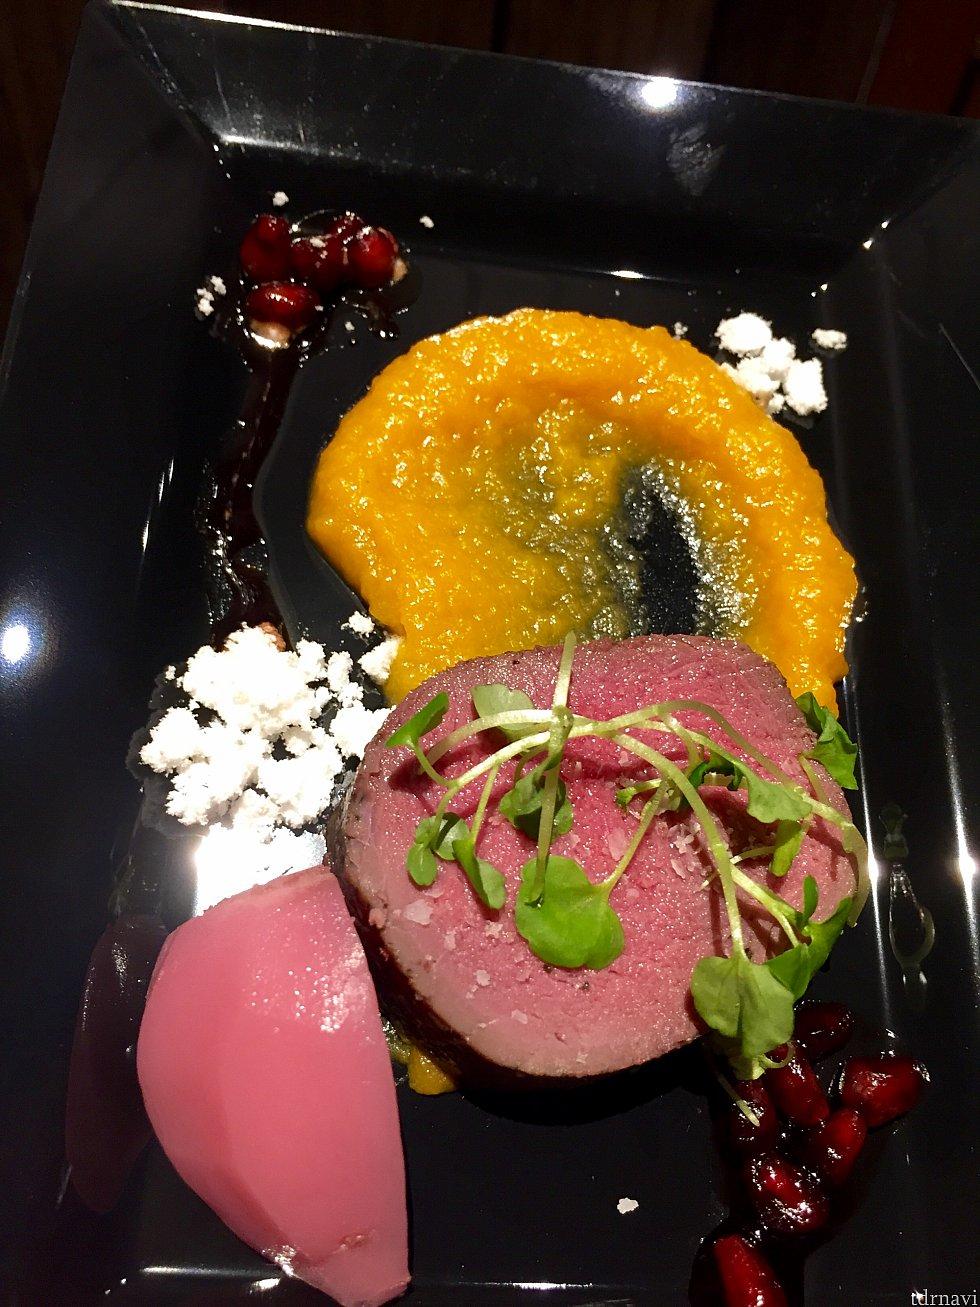 Sous Vide Venisonは鹿肉の料理です。バターナッツのピューレ、ザクロのソース、そしてカブのピクルスが添えられて、こちらもアーティスティック。高級レストランで出されてもおかしくないクオリティの高いアイテム。お肉がとても柔らかくて僕は気に入りました。